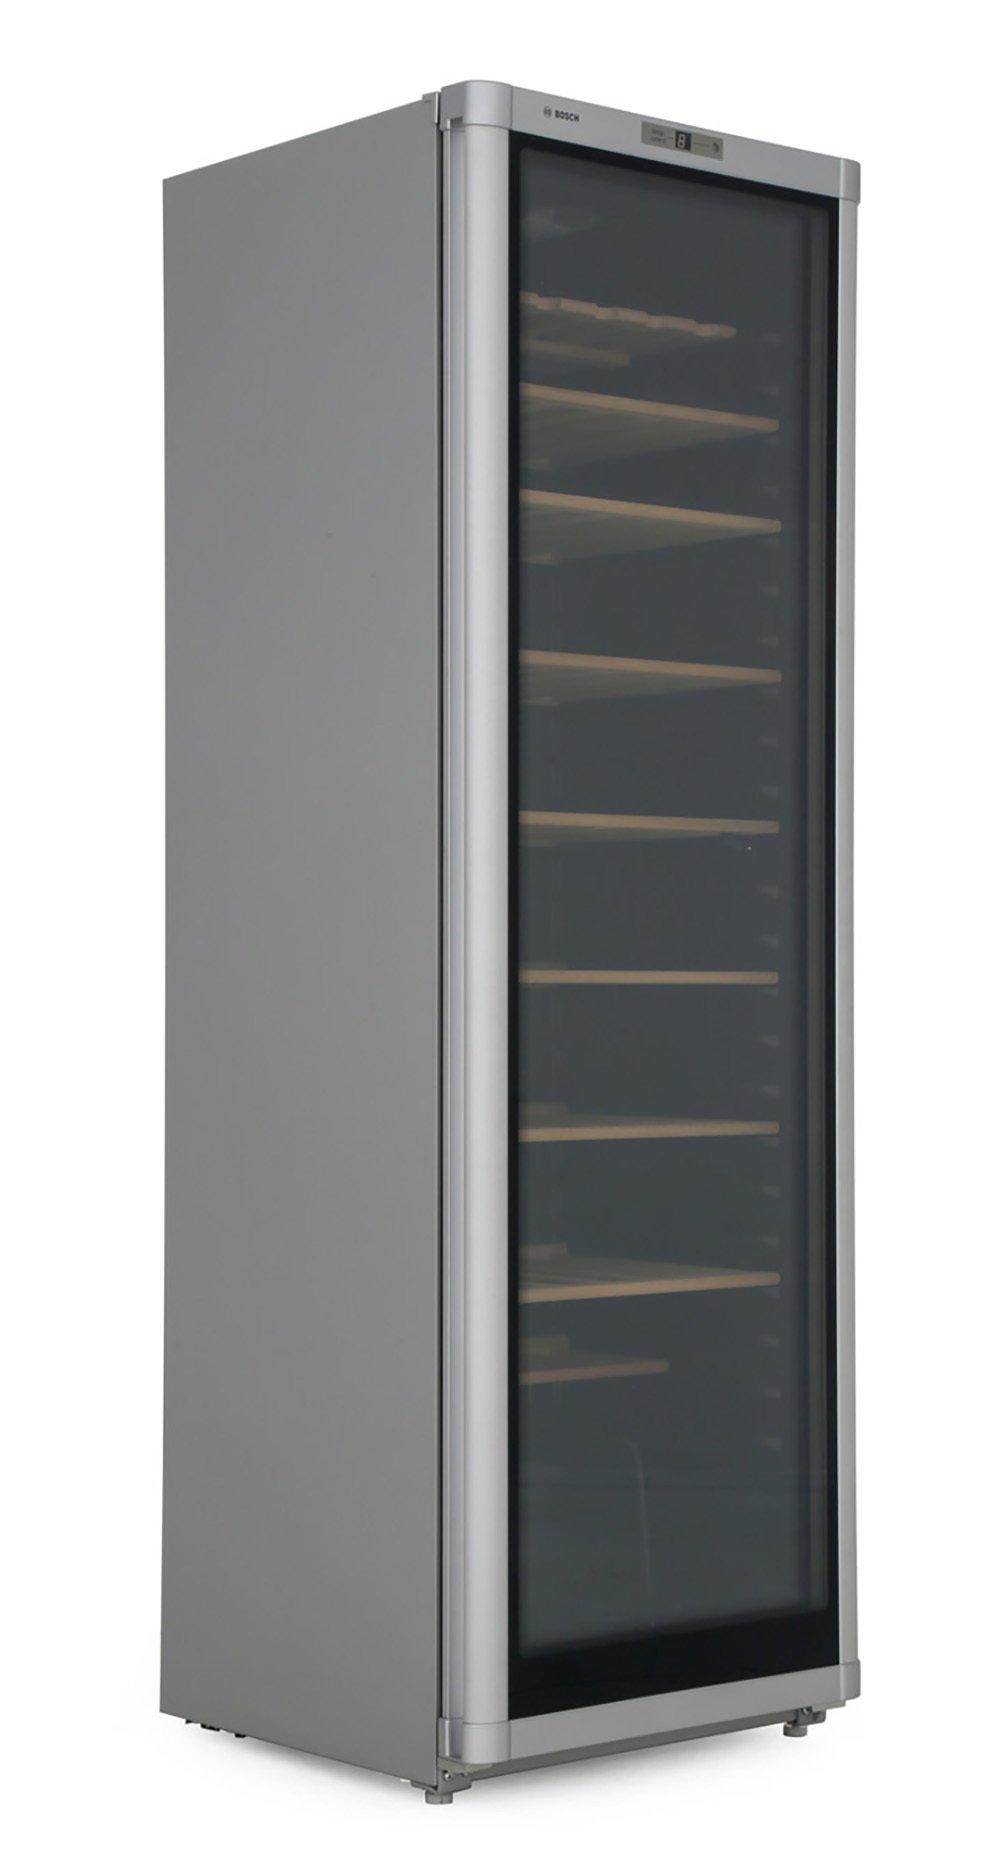 Bosch Serie 4 KSW30V81GB Wine Cooler